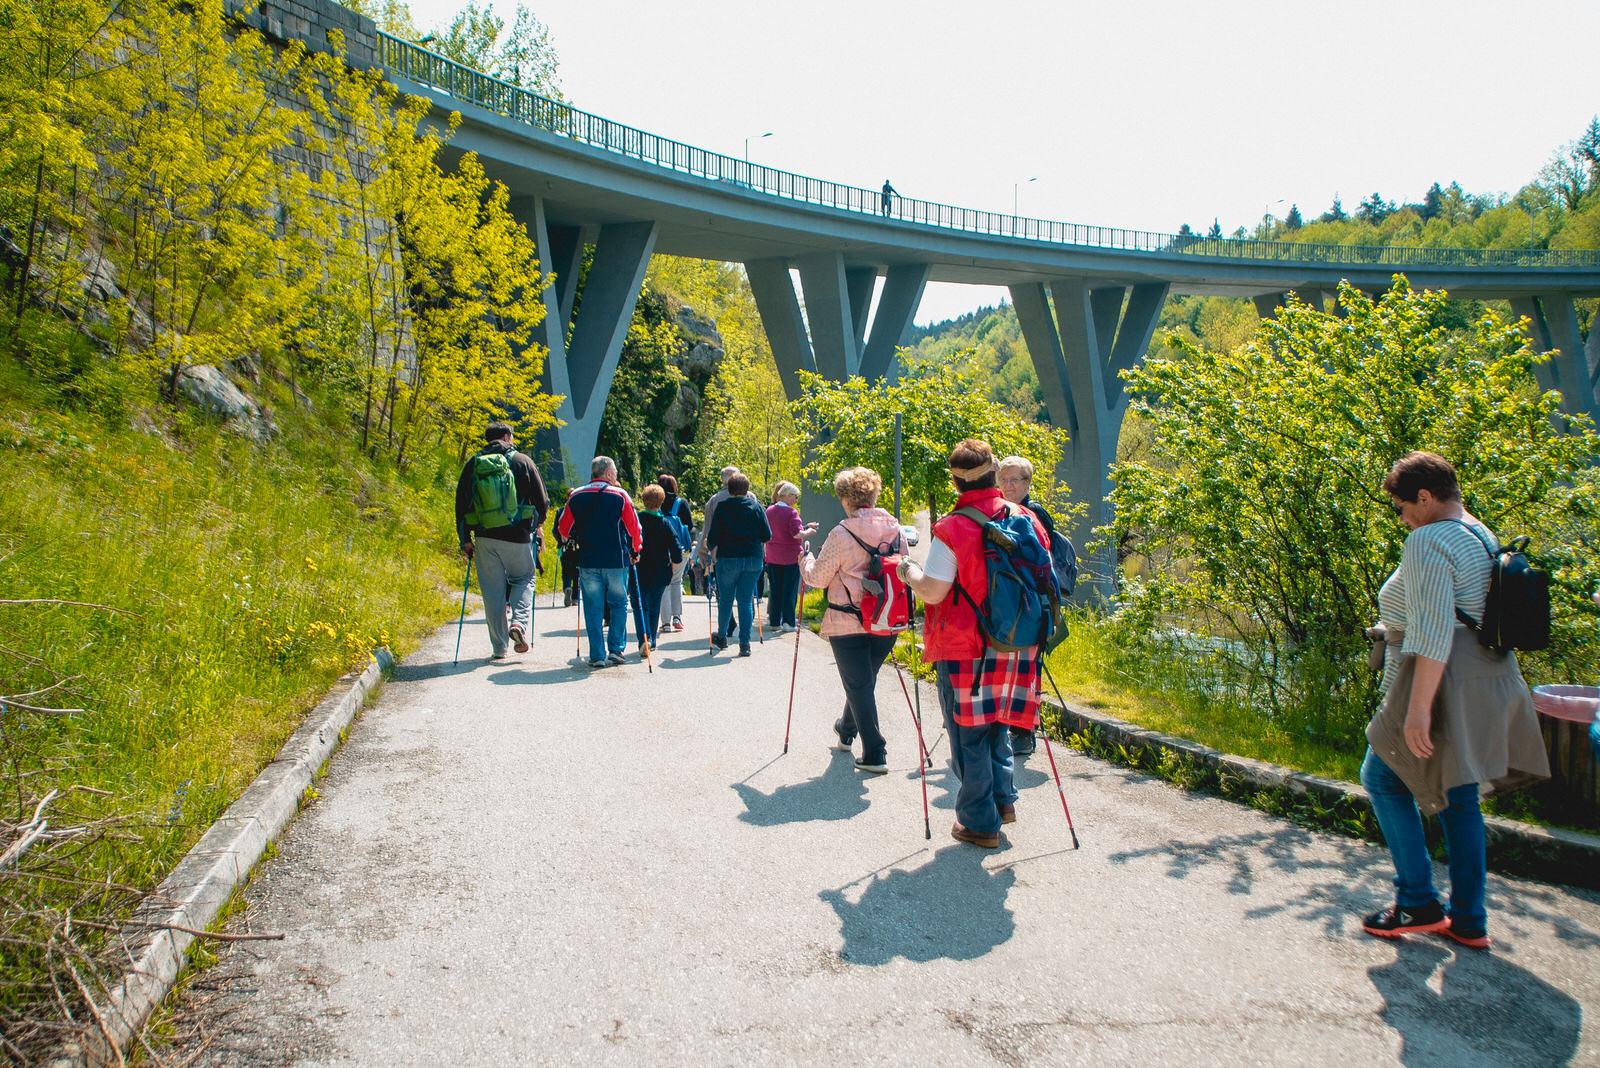 likaclub_slunj_rastoke_5-festival-nordijskog-hodanja_2019-60